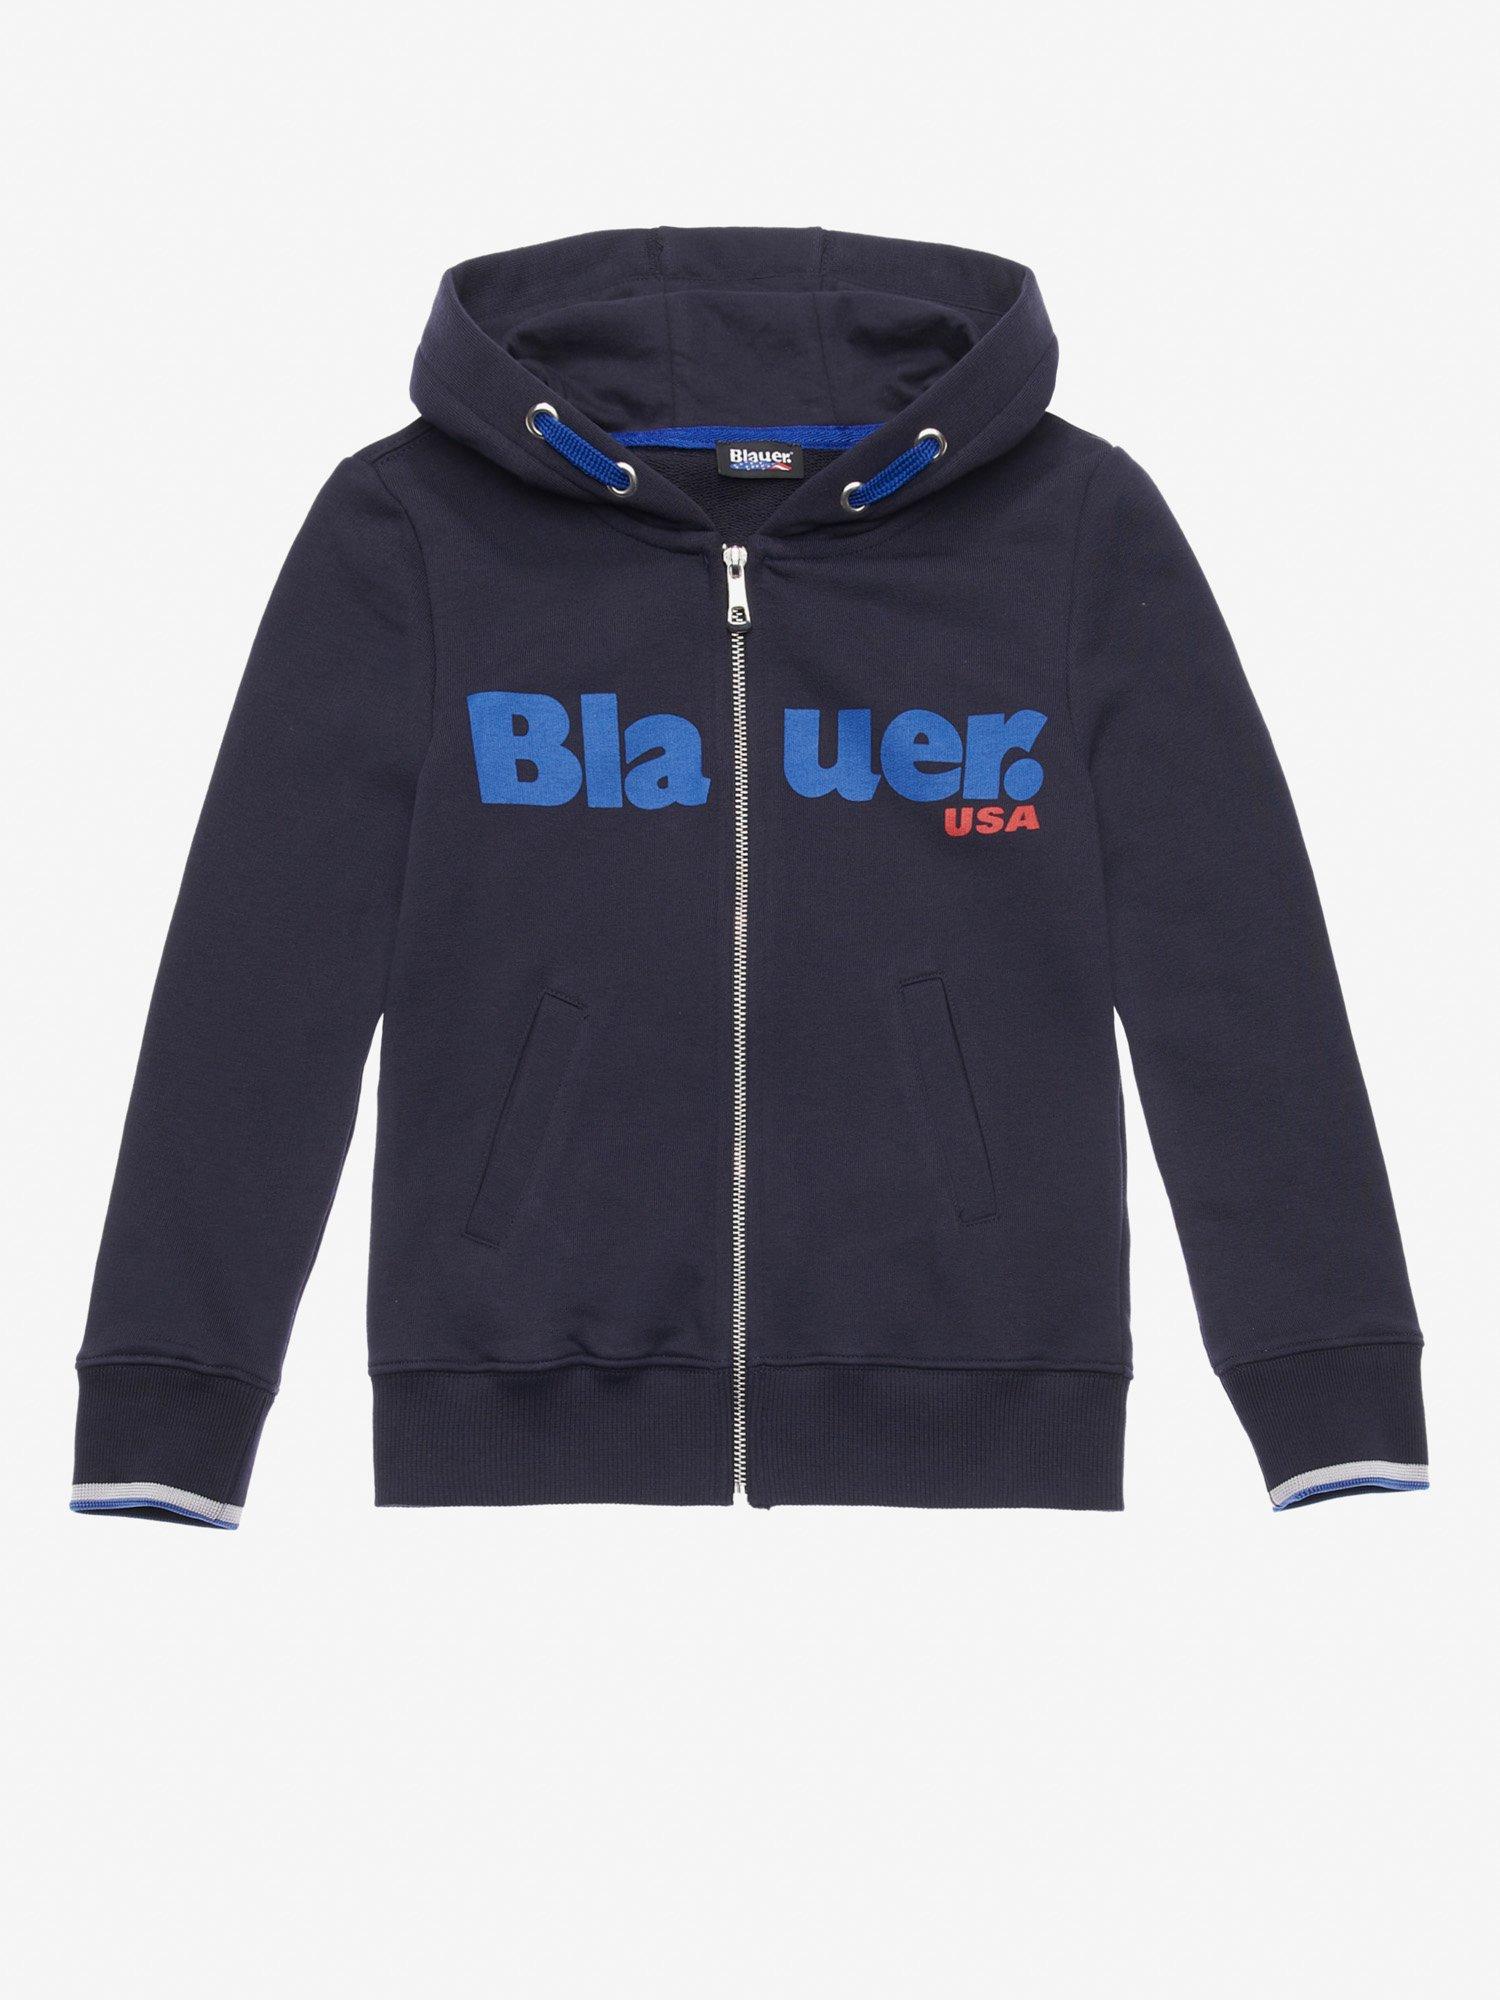 JUNIOR OPEN HOODED SWEATSHIRT - Blauer